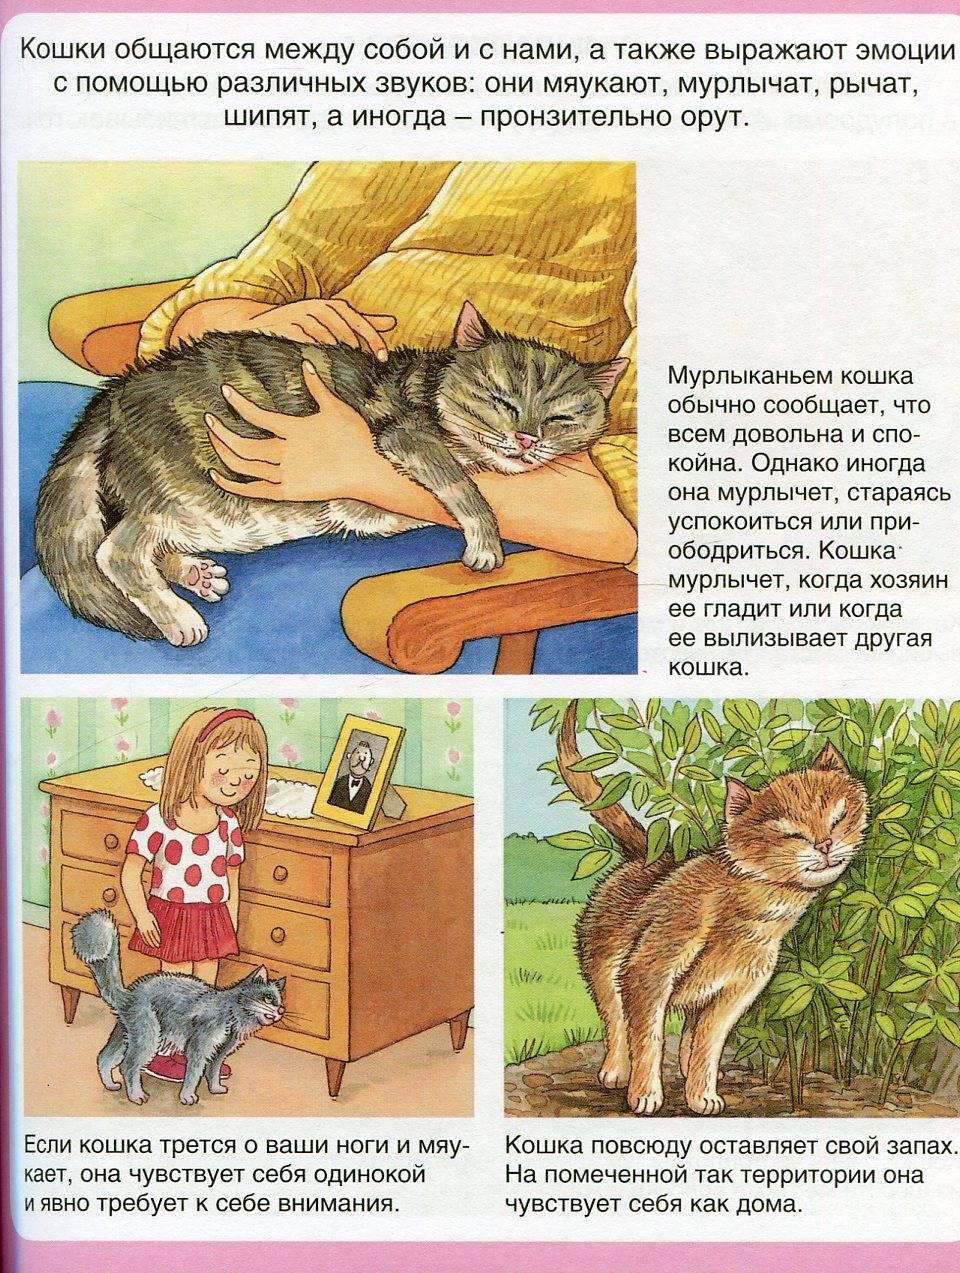 5 действий, которые убедят кошку в вашей любви - gafki.ru